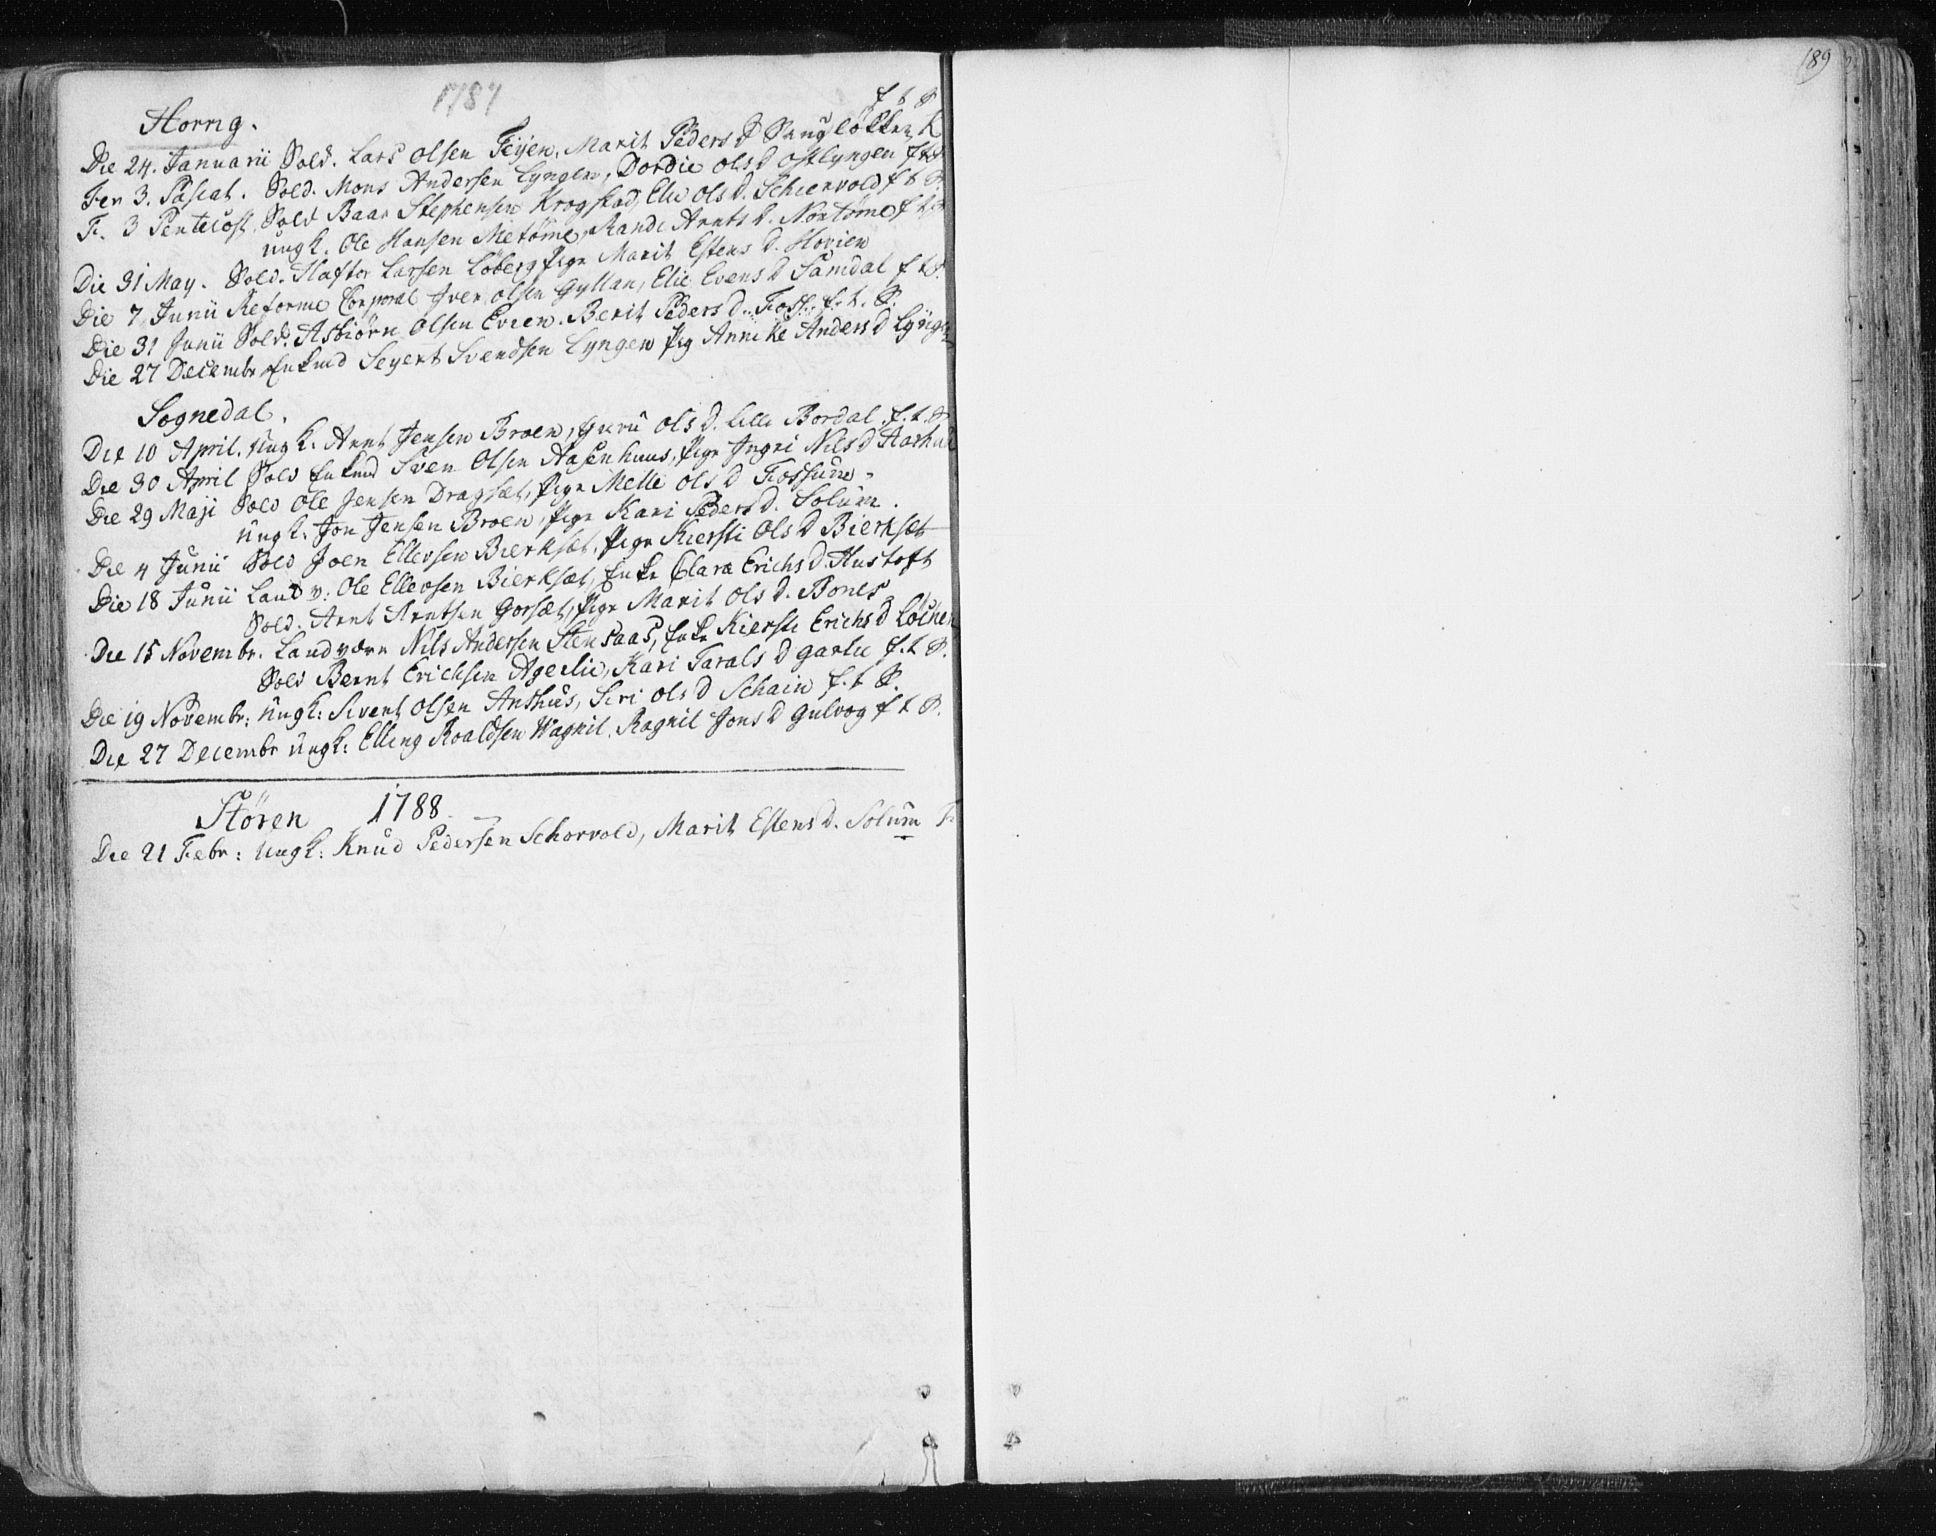 SAT, Ministerialprotokoller, klokkerbøker og fødselsregistre - Sør-Trøndelag, 687/L0991: Ministerialbok nr. 687A02, 1747-1790, s. 189